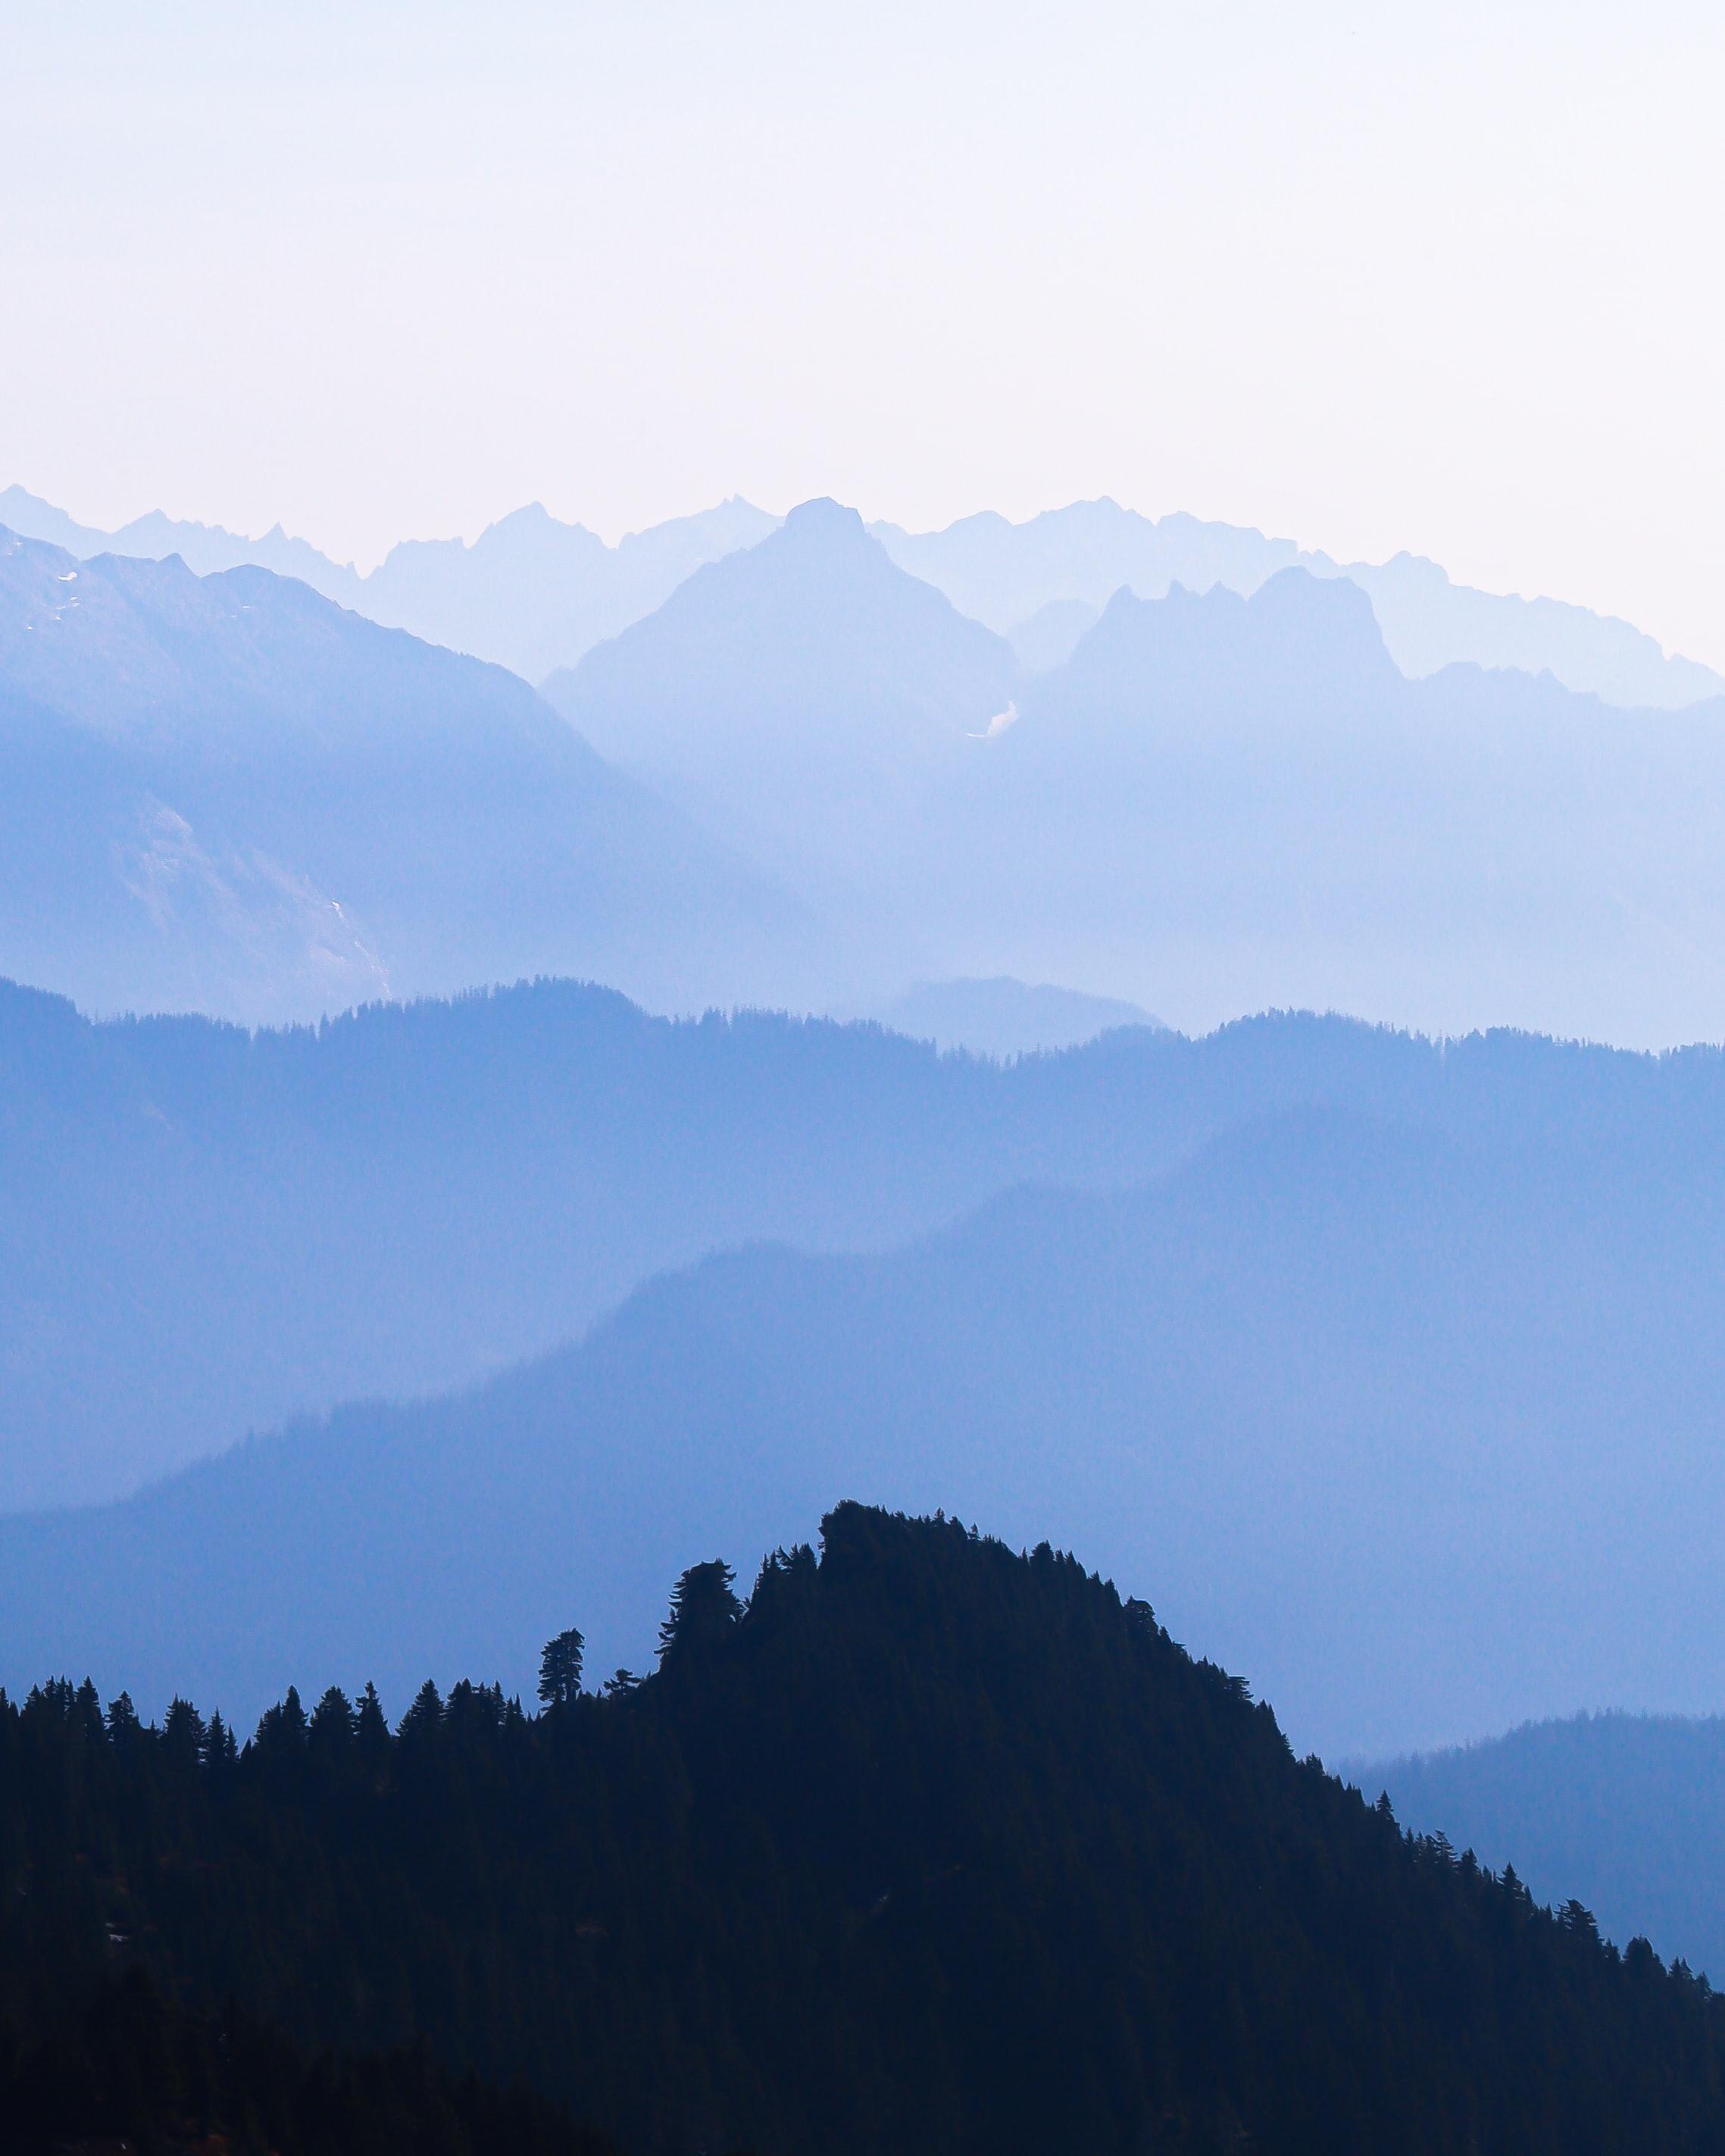 146312 скачать обои Природа, Скалы, Лес, Деревья, Даль, Горы - заставки и картинки бесплатно